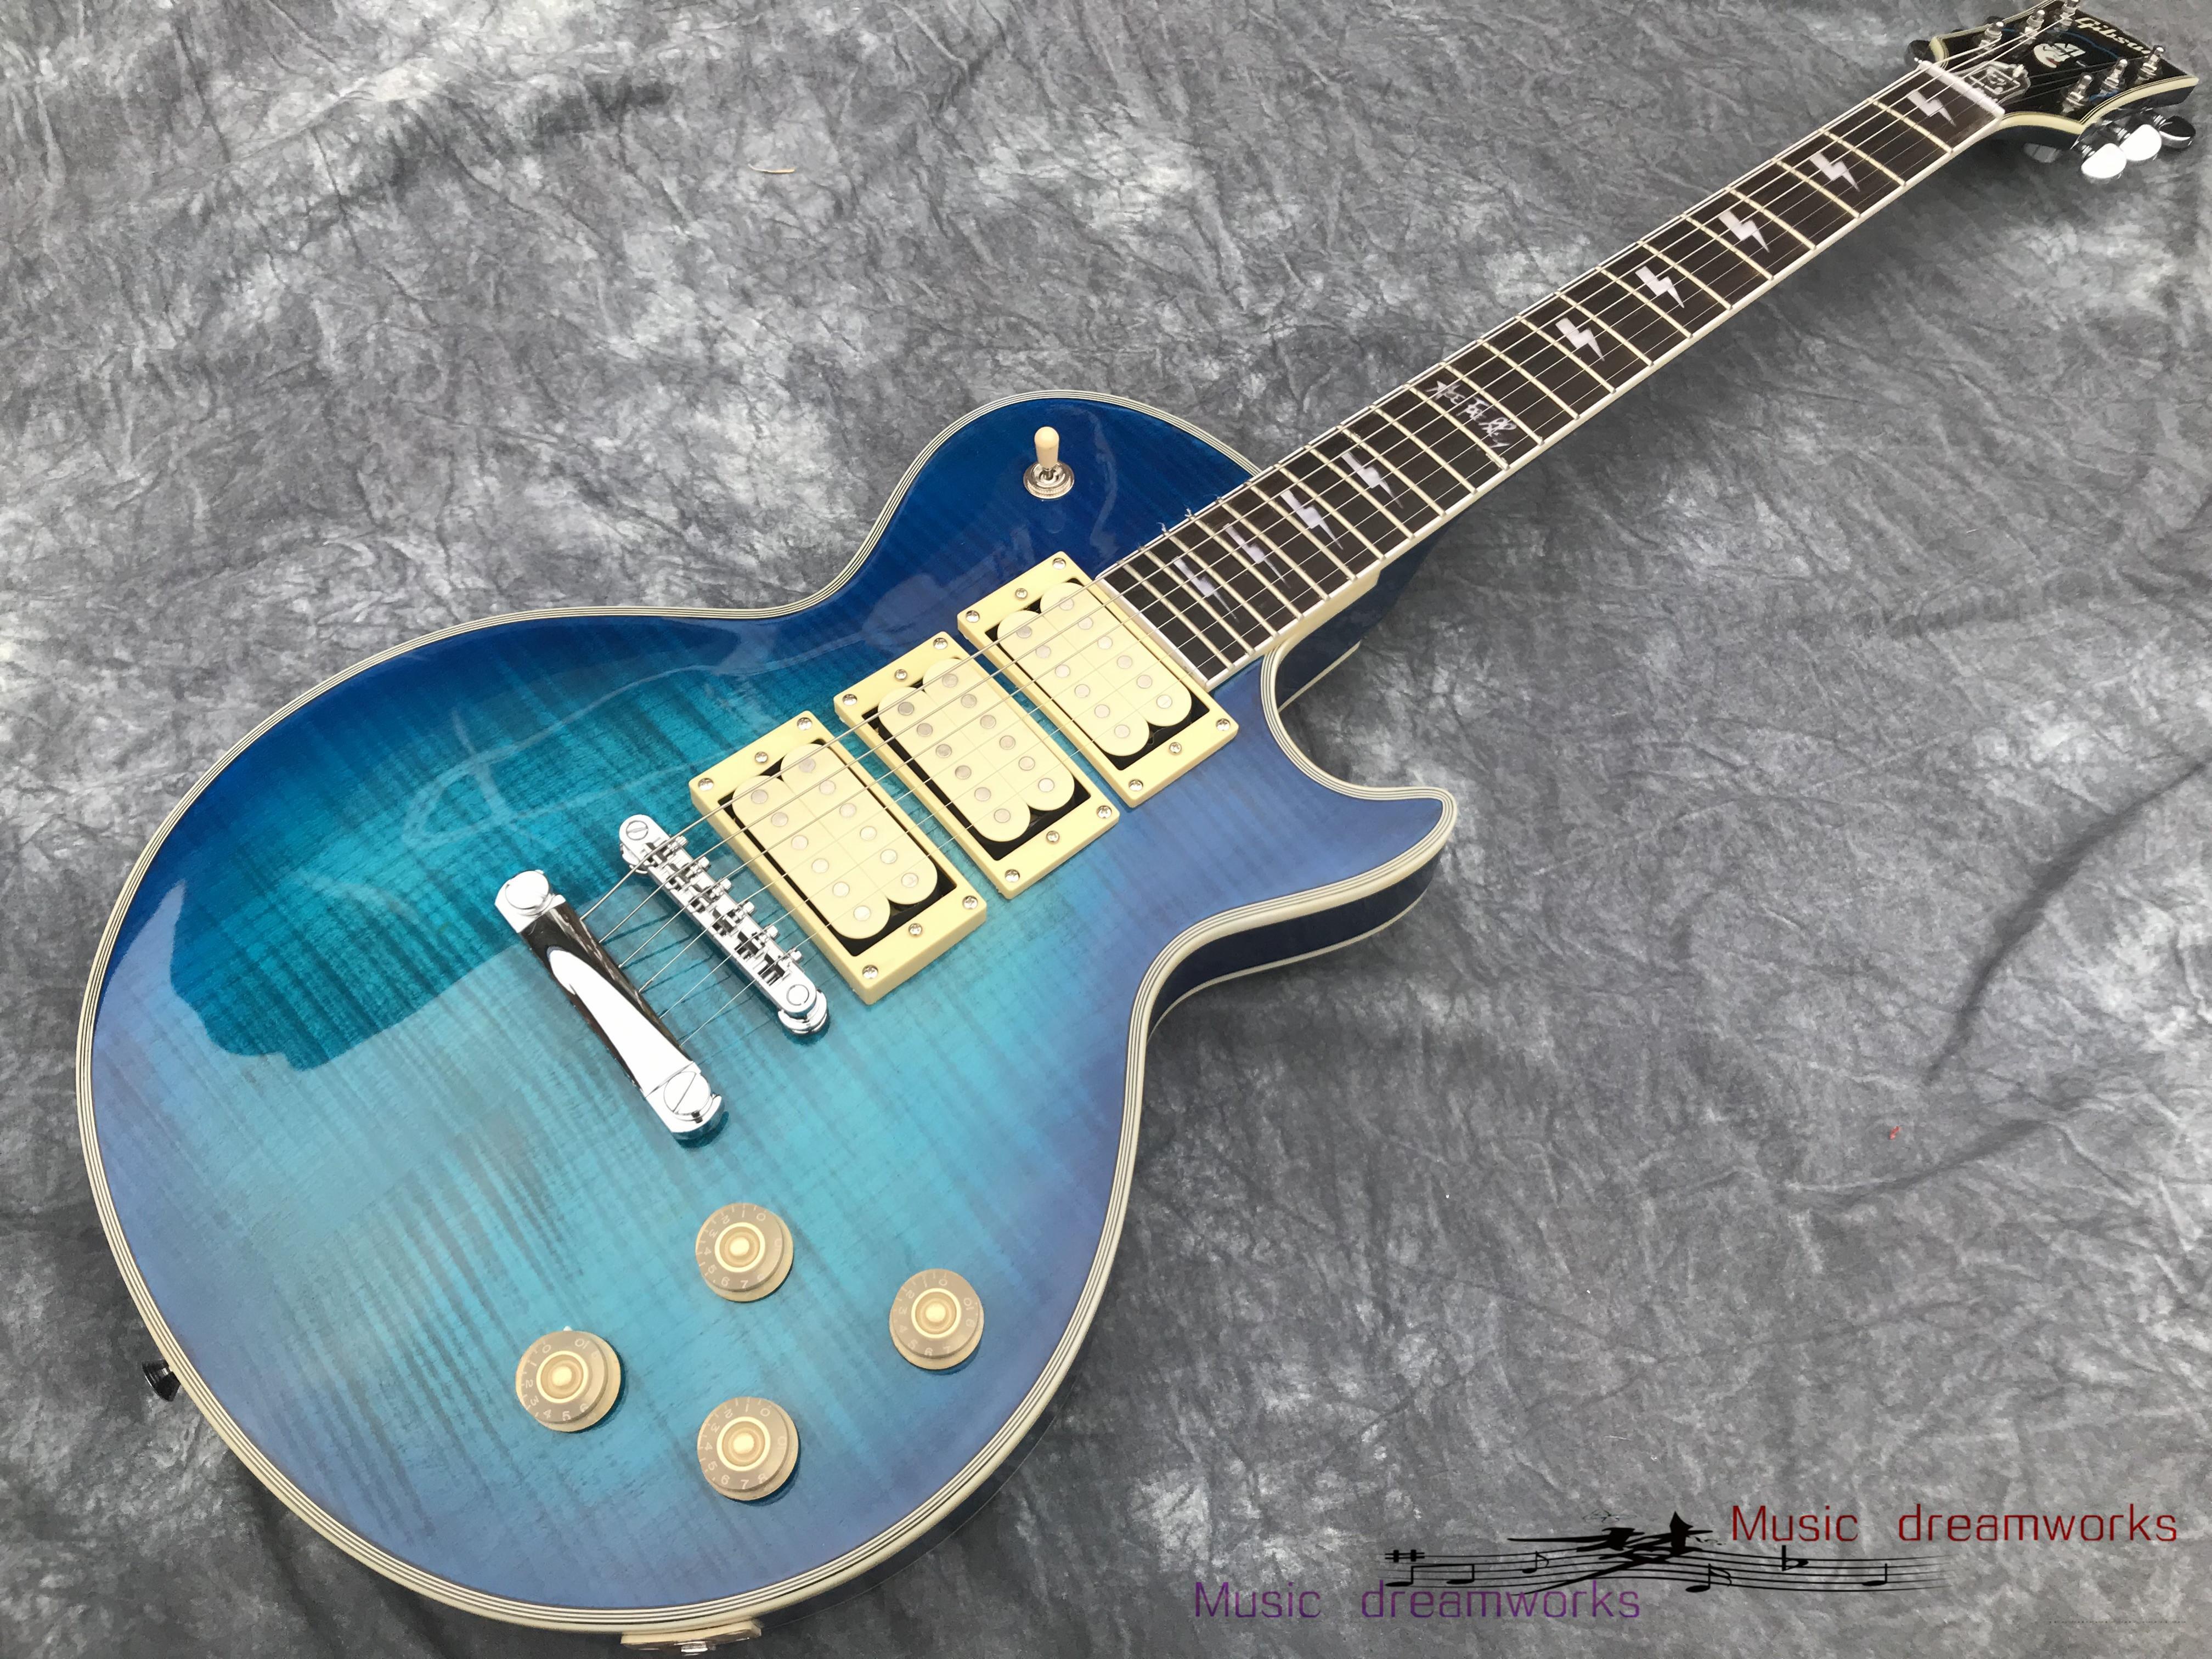 Loja Personalizada Ace Frehley Assinatura 3 Pickups Guitarra Elétrica, Guitarra Azul Alta Qualidade Flamed Maple Wood, Frete Grátis